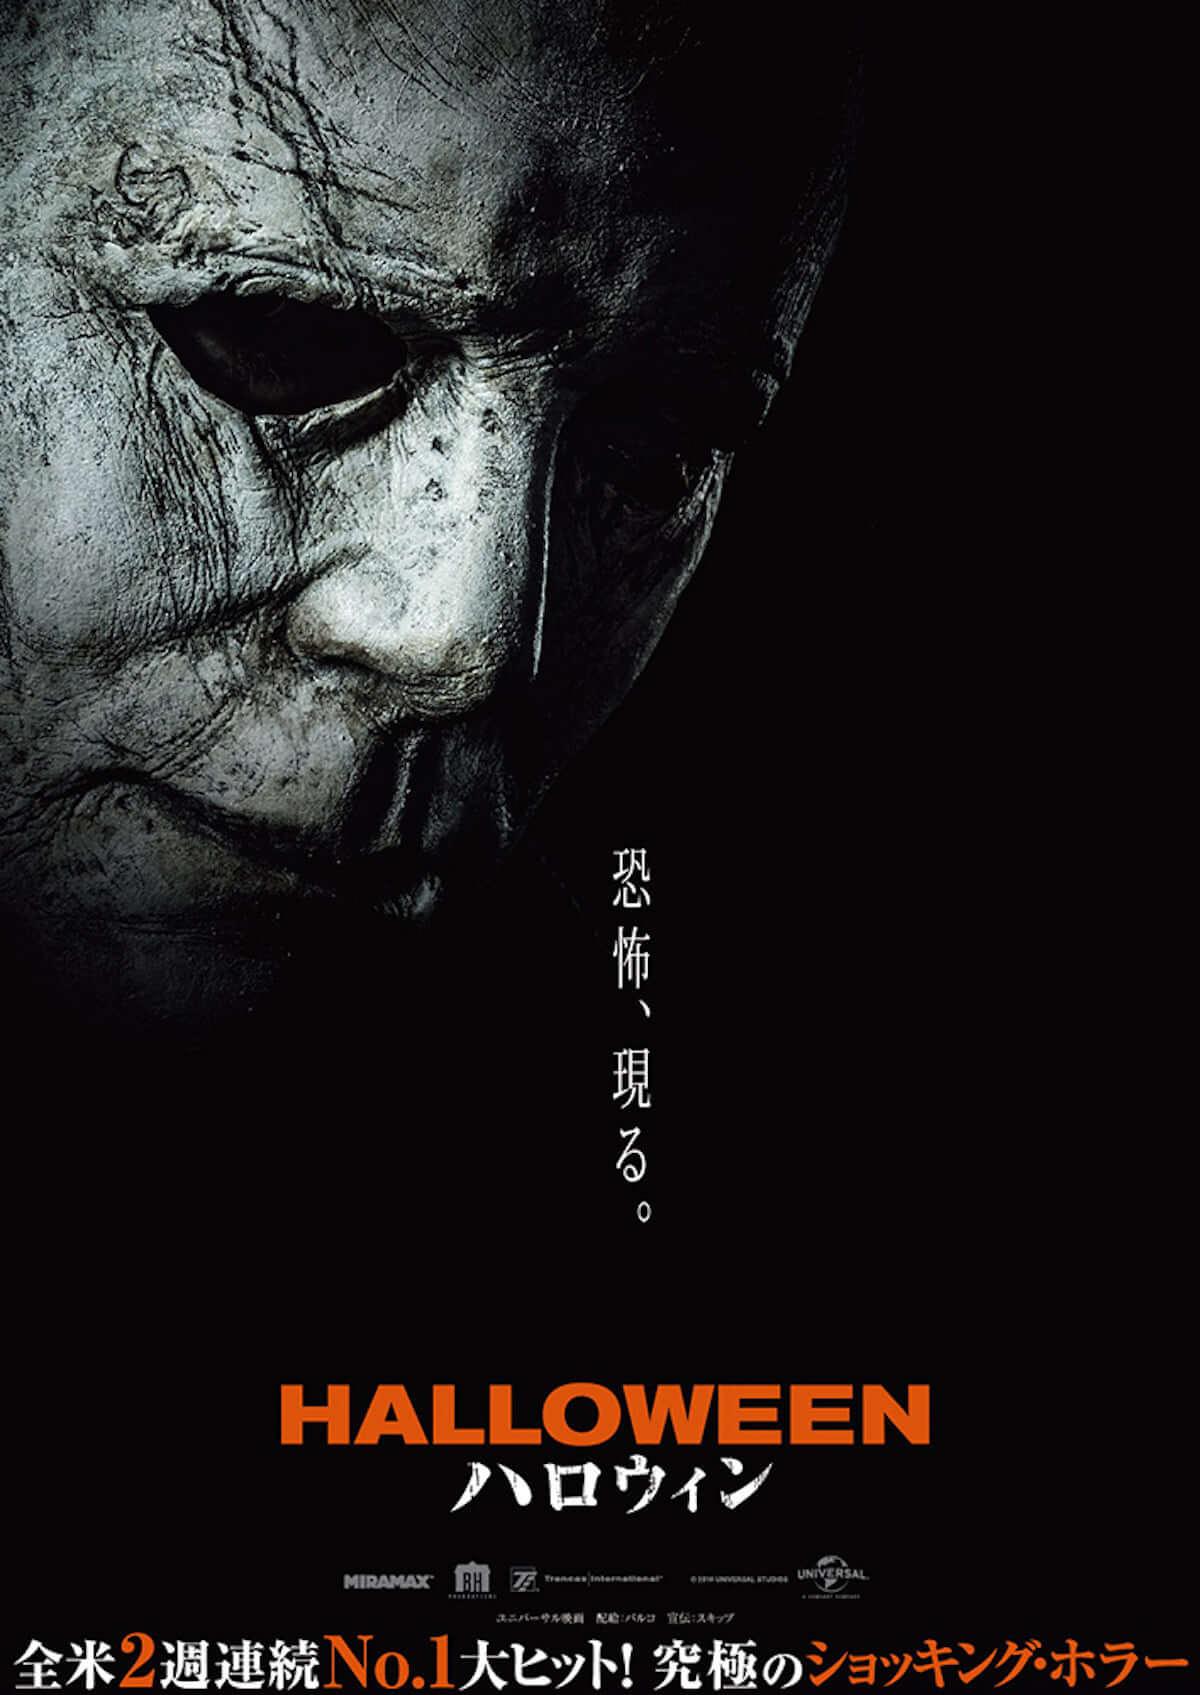 ブギーマンが新春恐怖体験をお届けする映画『ハロウィン』怖さの秘密をプロデューサーが語る film181225-halloween-1200x1695